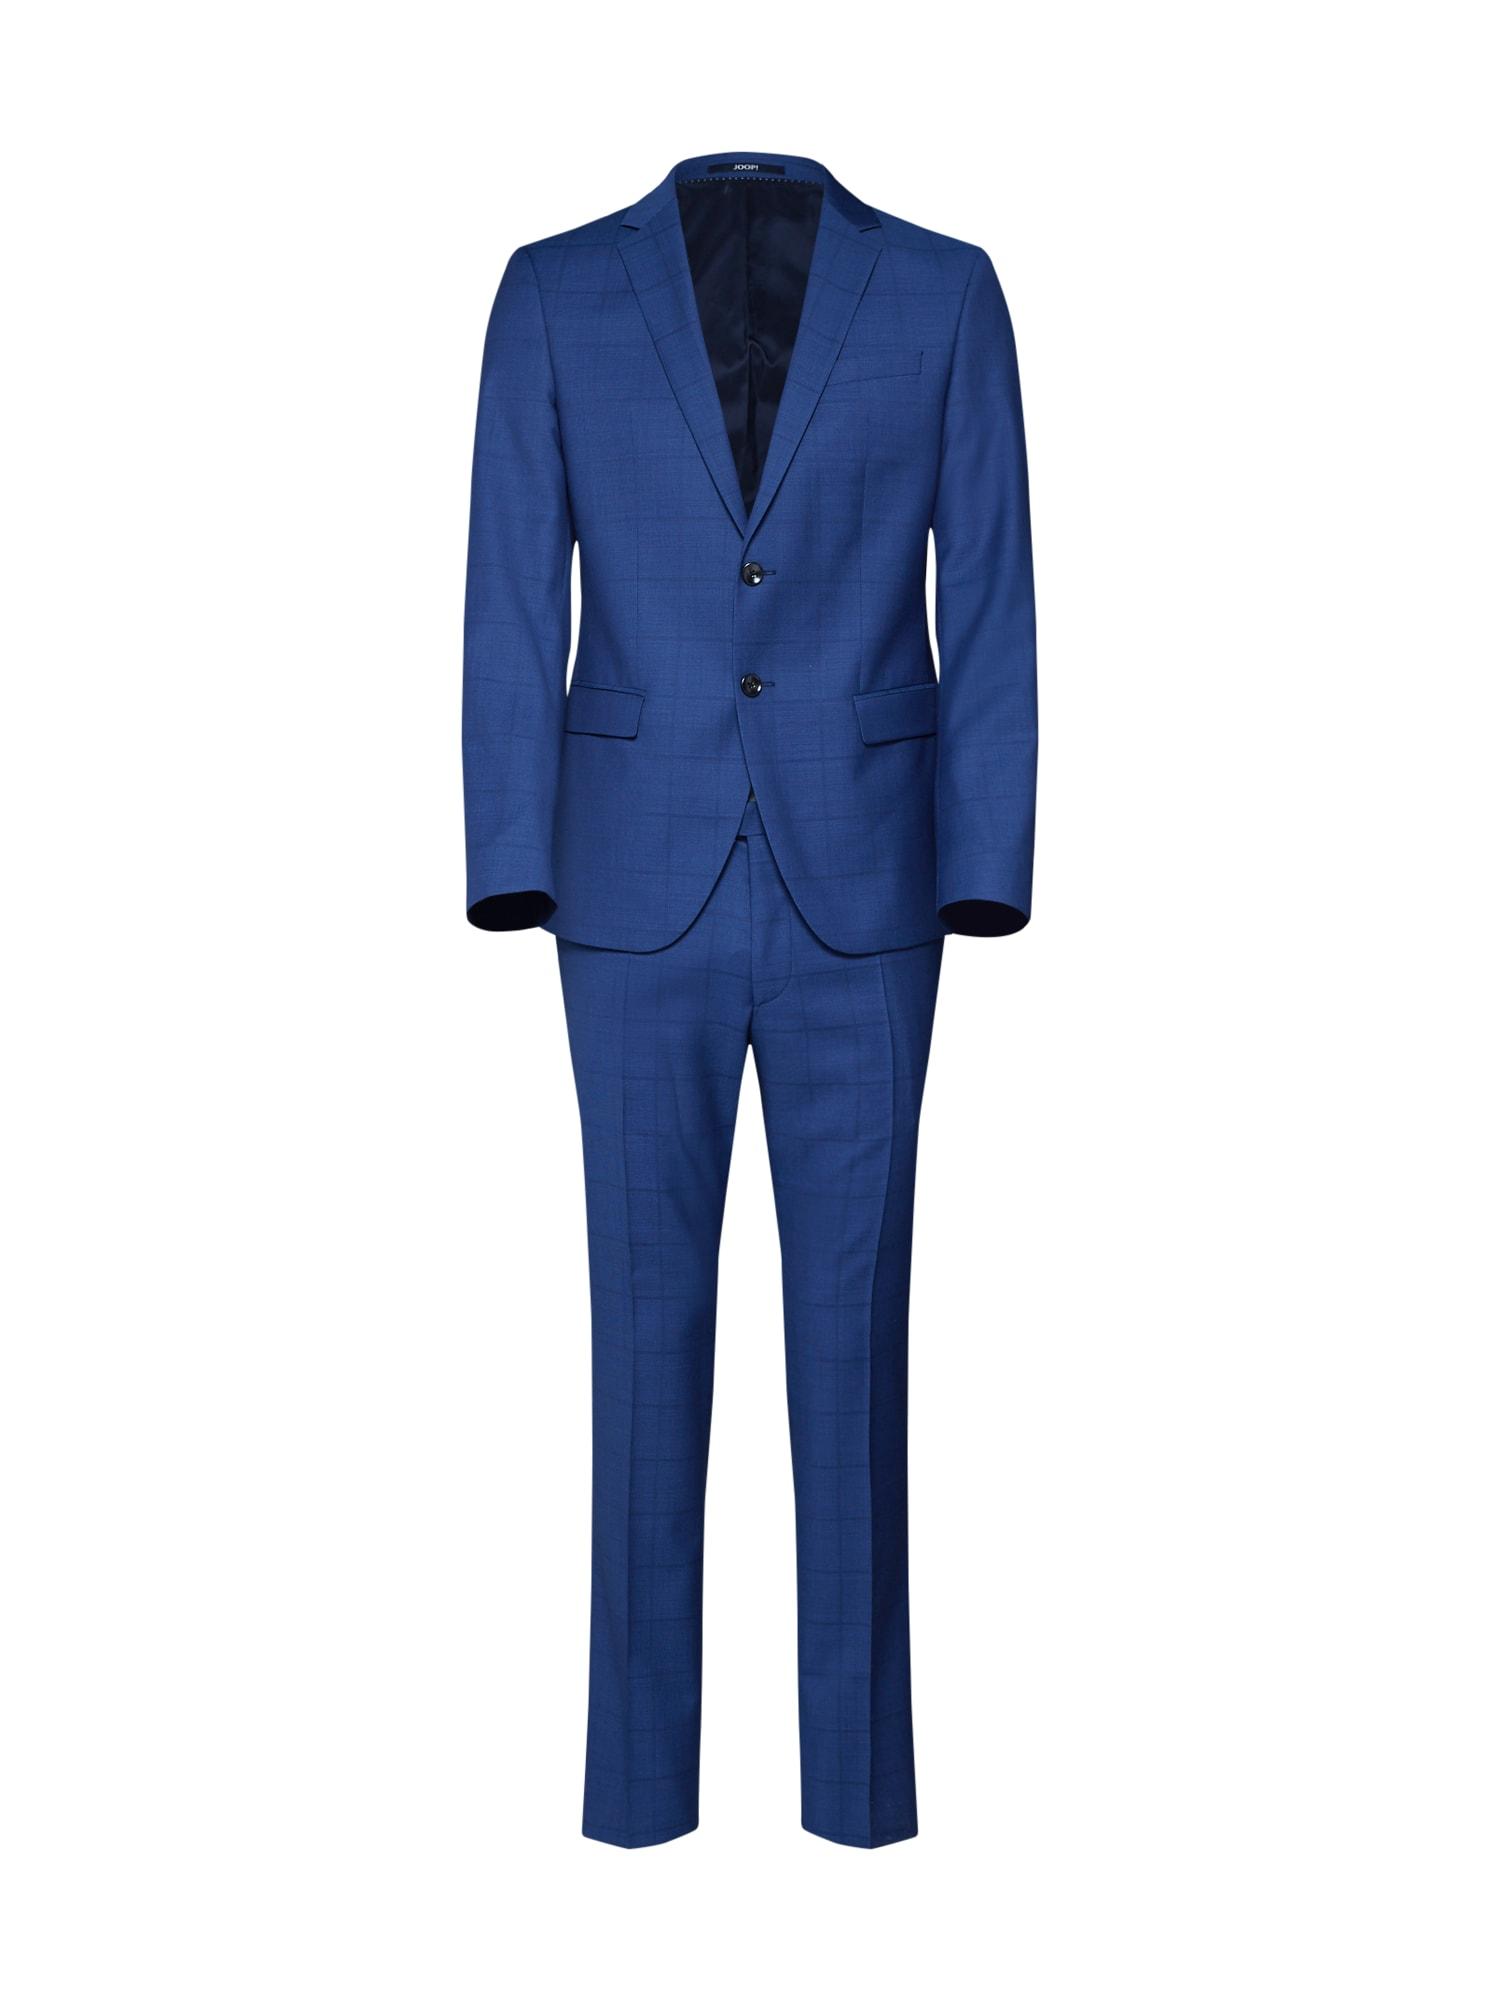 Oblek 17 JS-06Eamon-Grant 10007159 modrá JOOP!